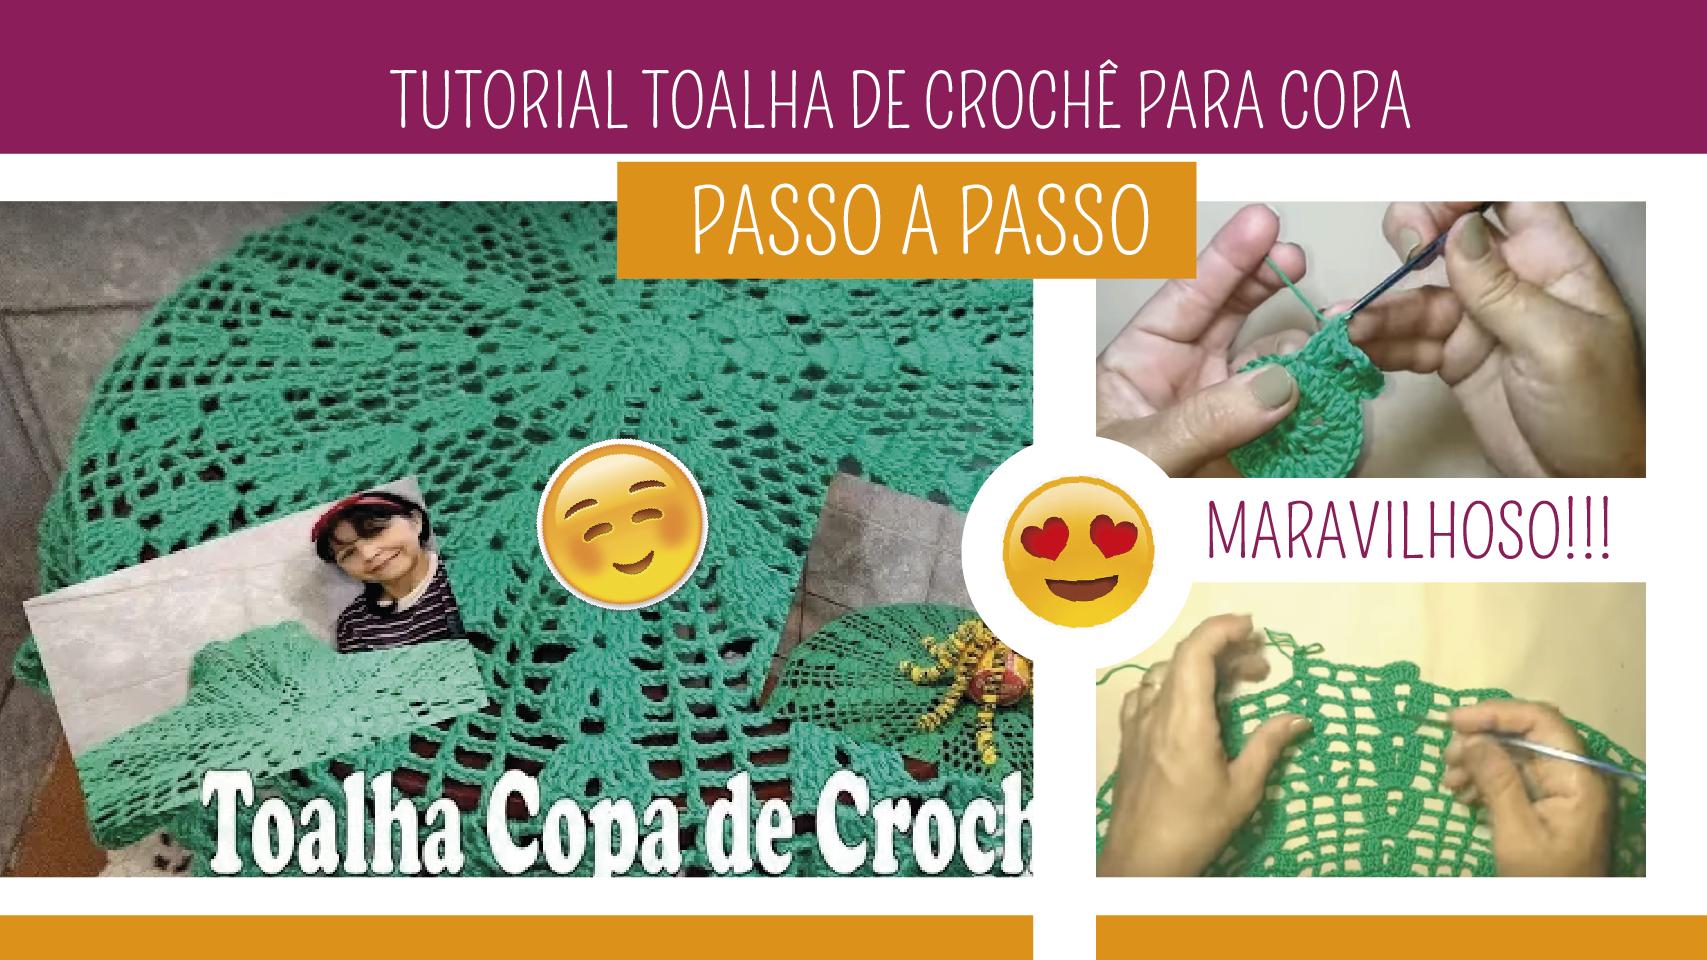 Como Fazer Toalha de Crochê para Copa